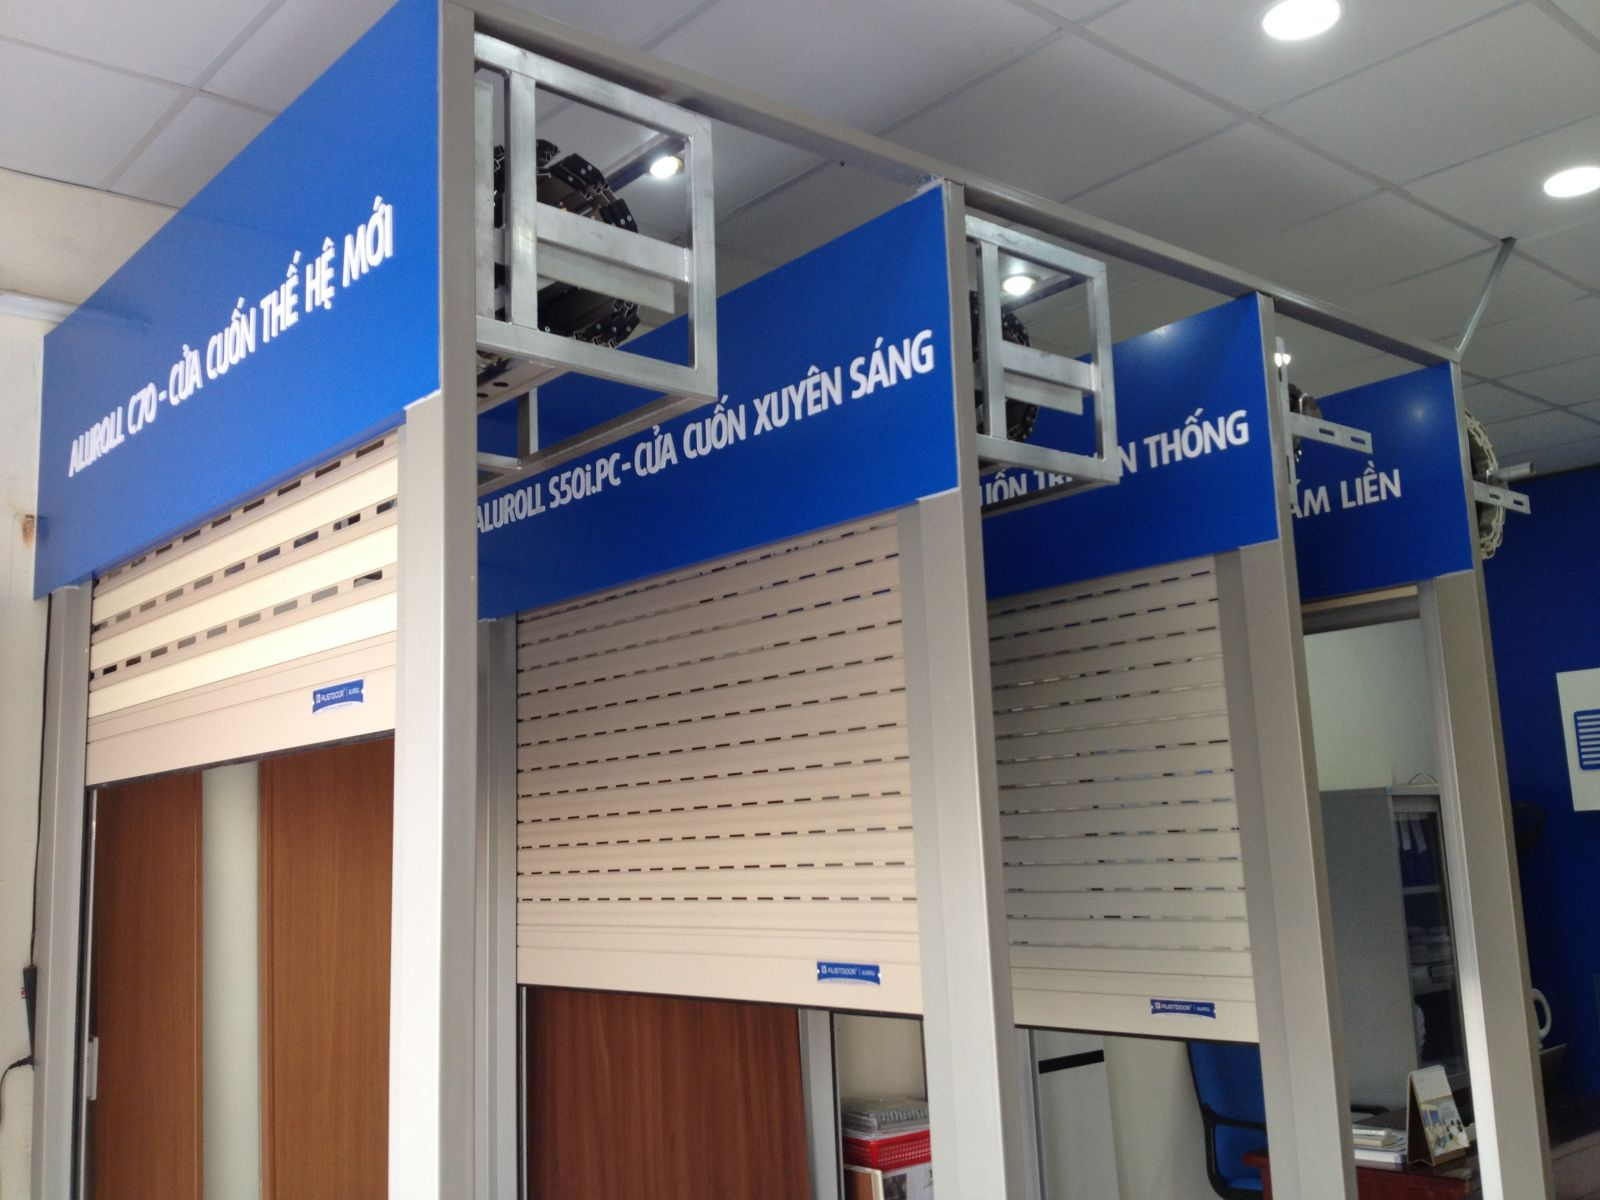 Cập Nhật Bảng Giá Cửa Cuốn Austdoor Mới Nhất Trên Thị Trường Việt Nam